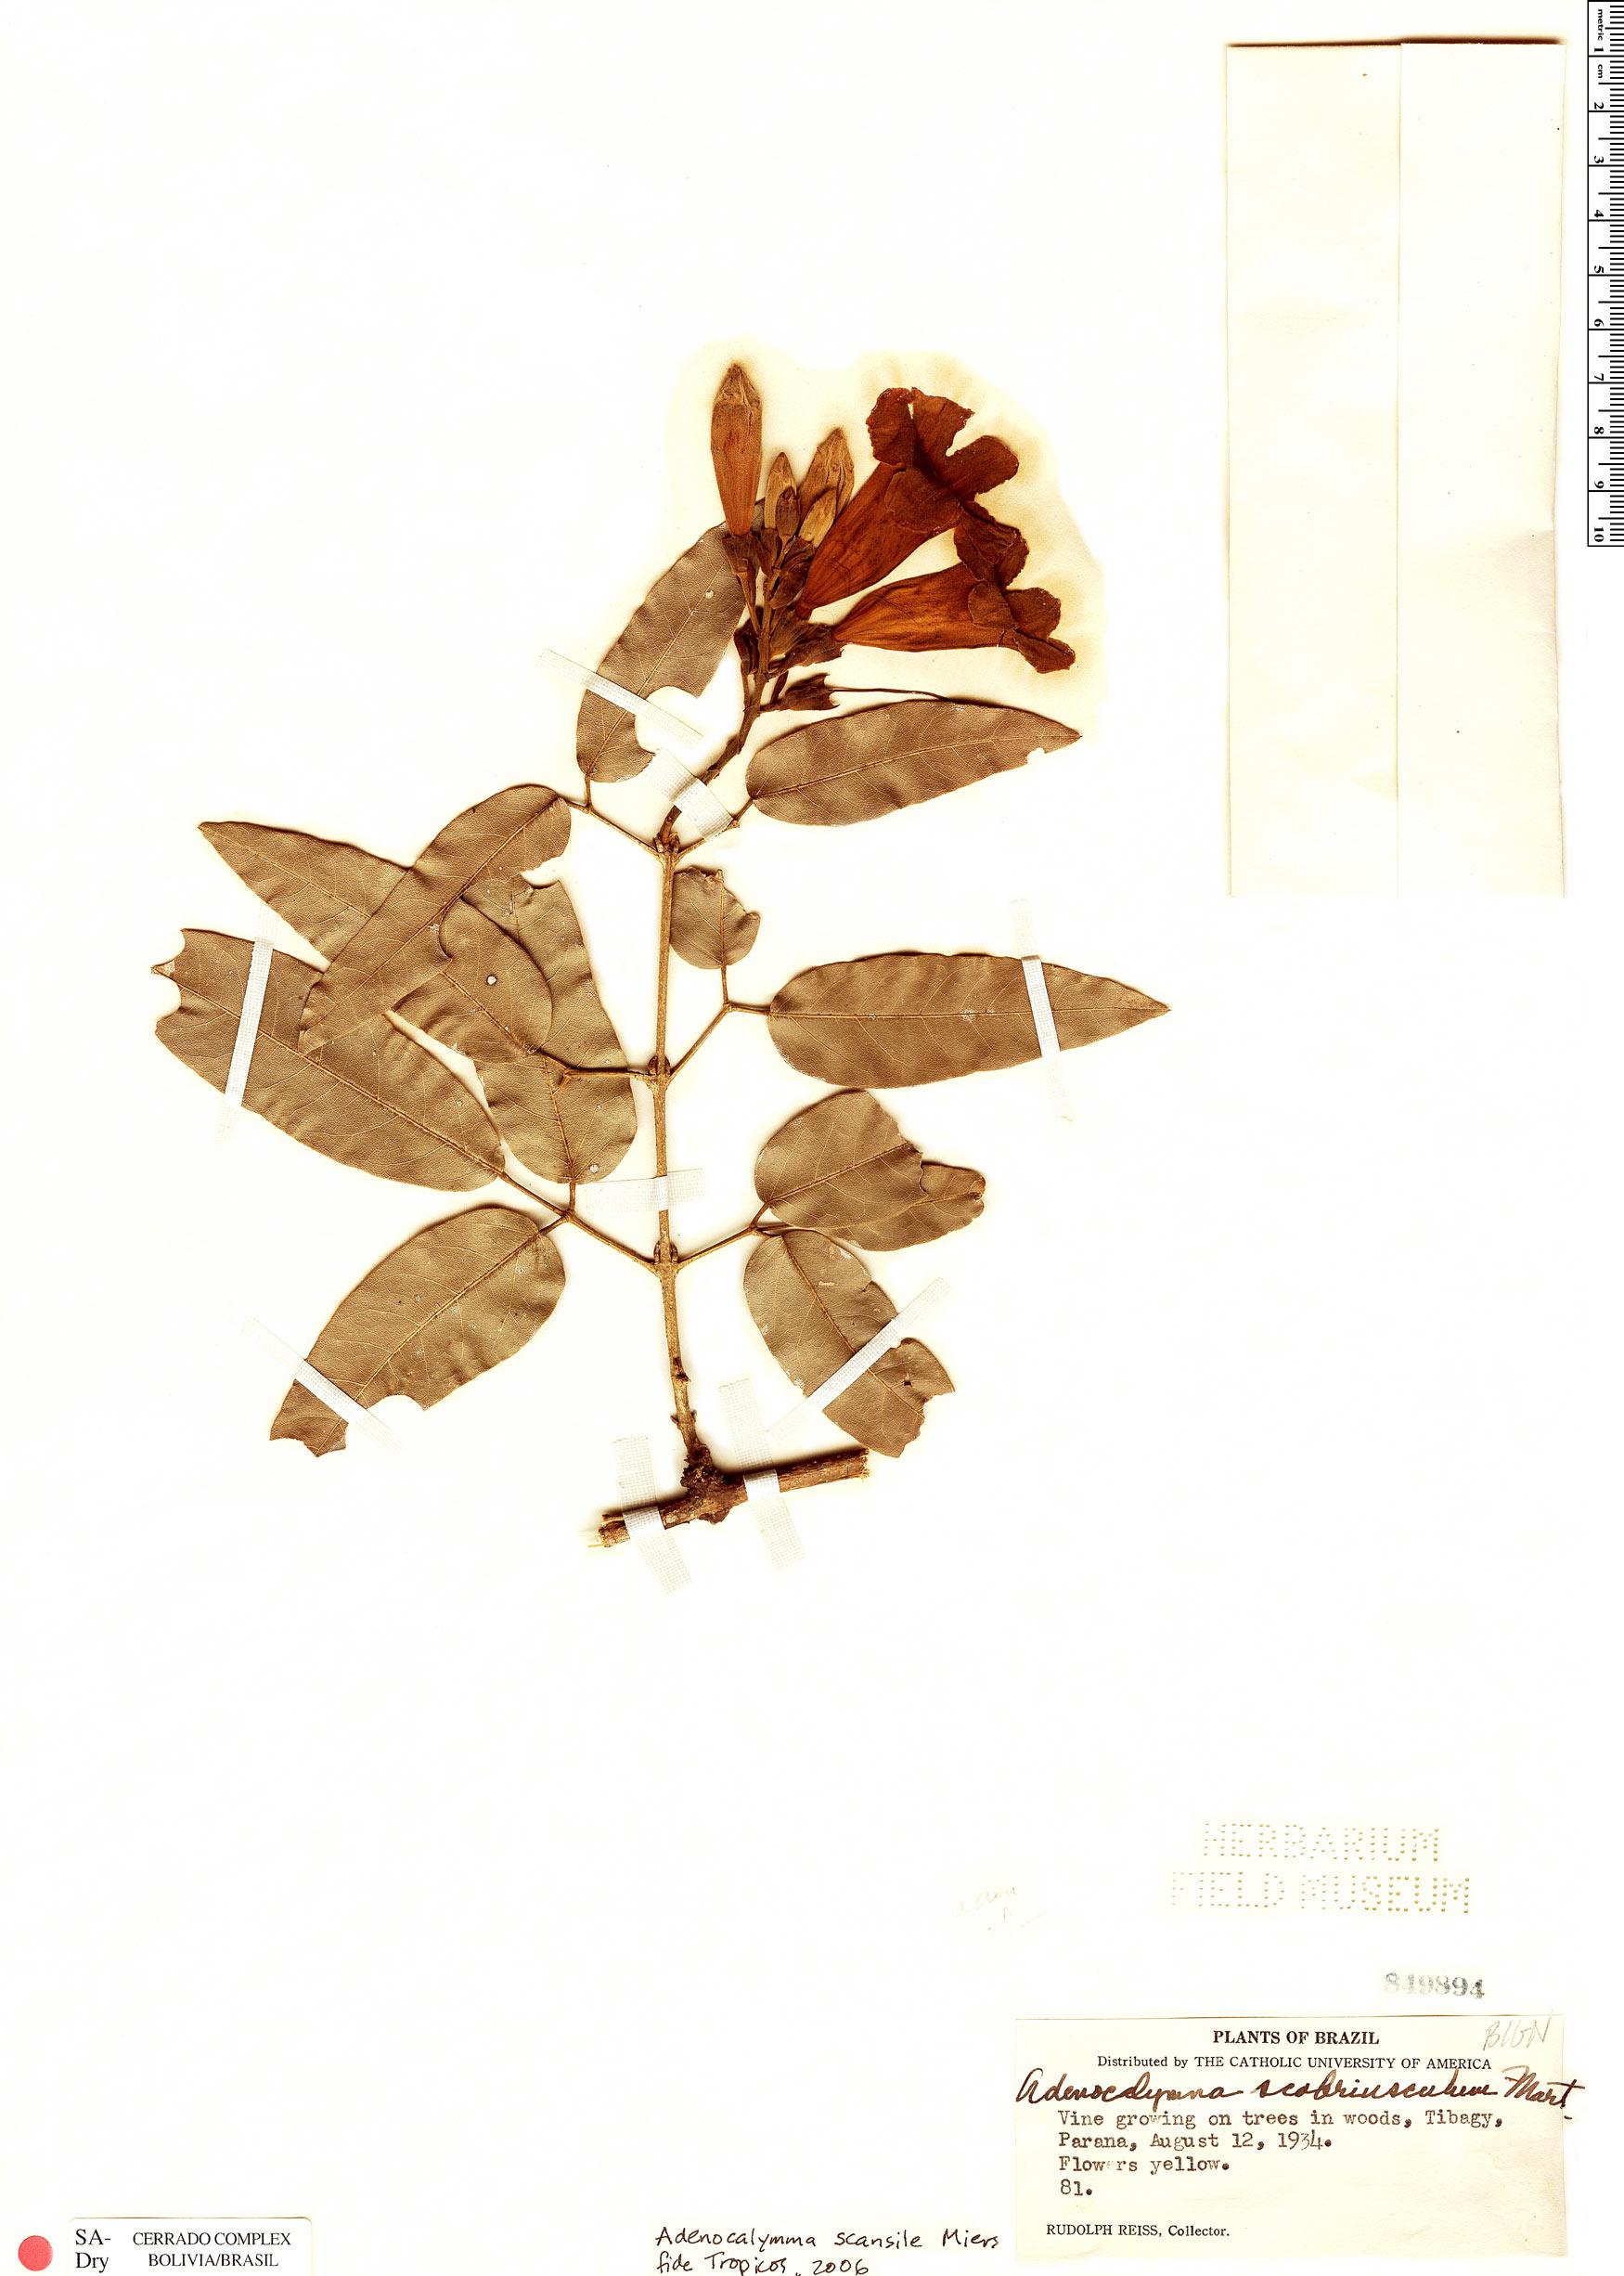 Specimen: Adenocalymma paulistarum